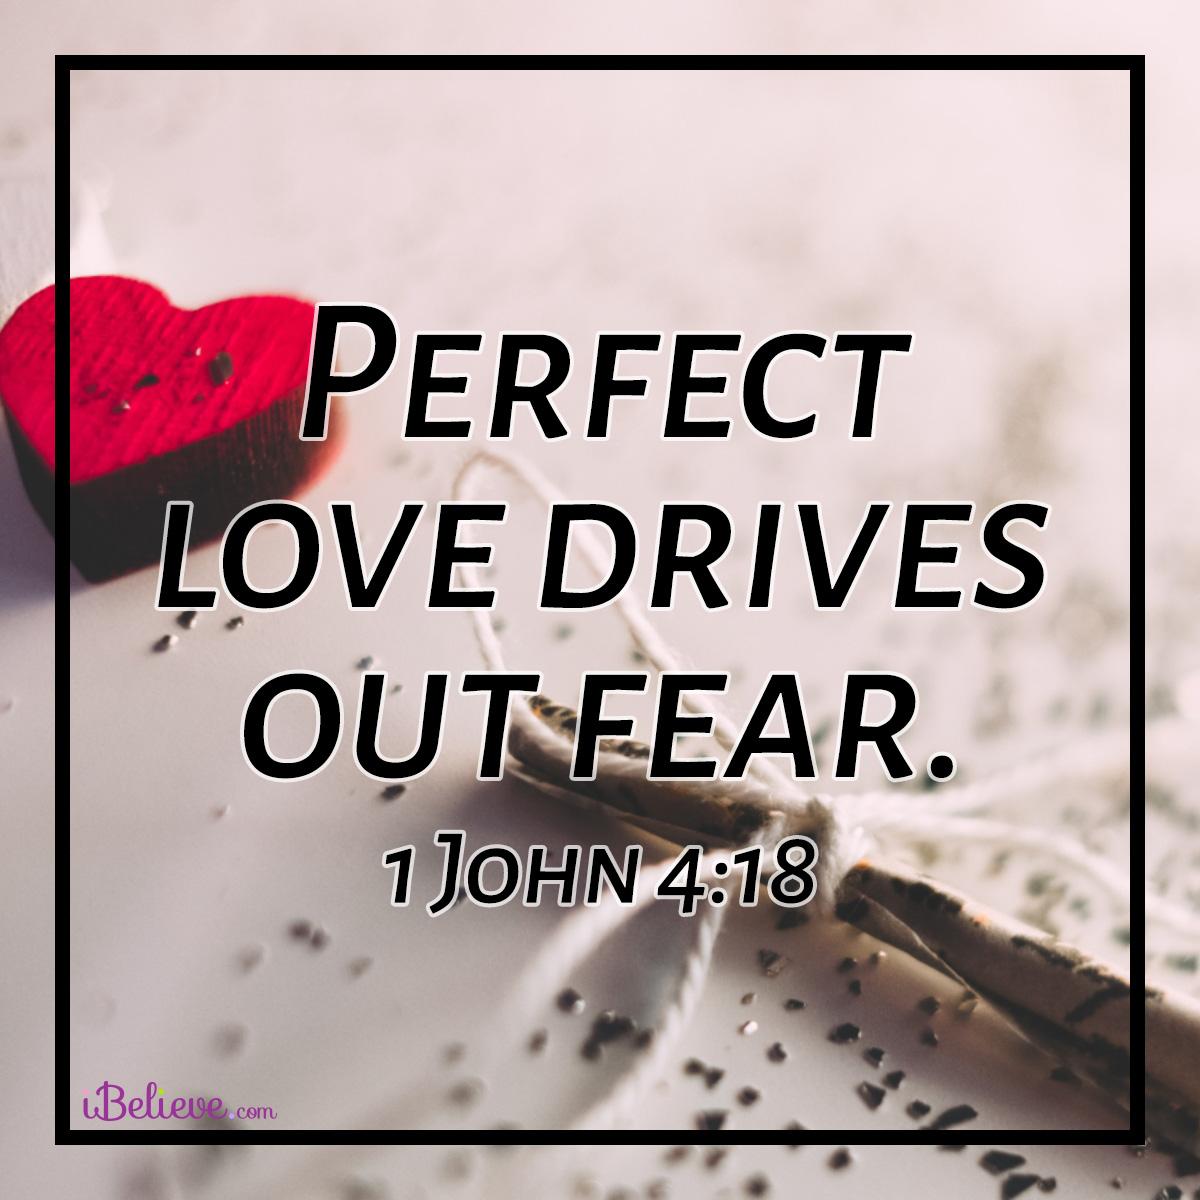 1 John 4:18 sq